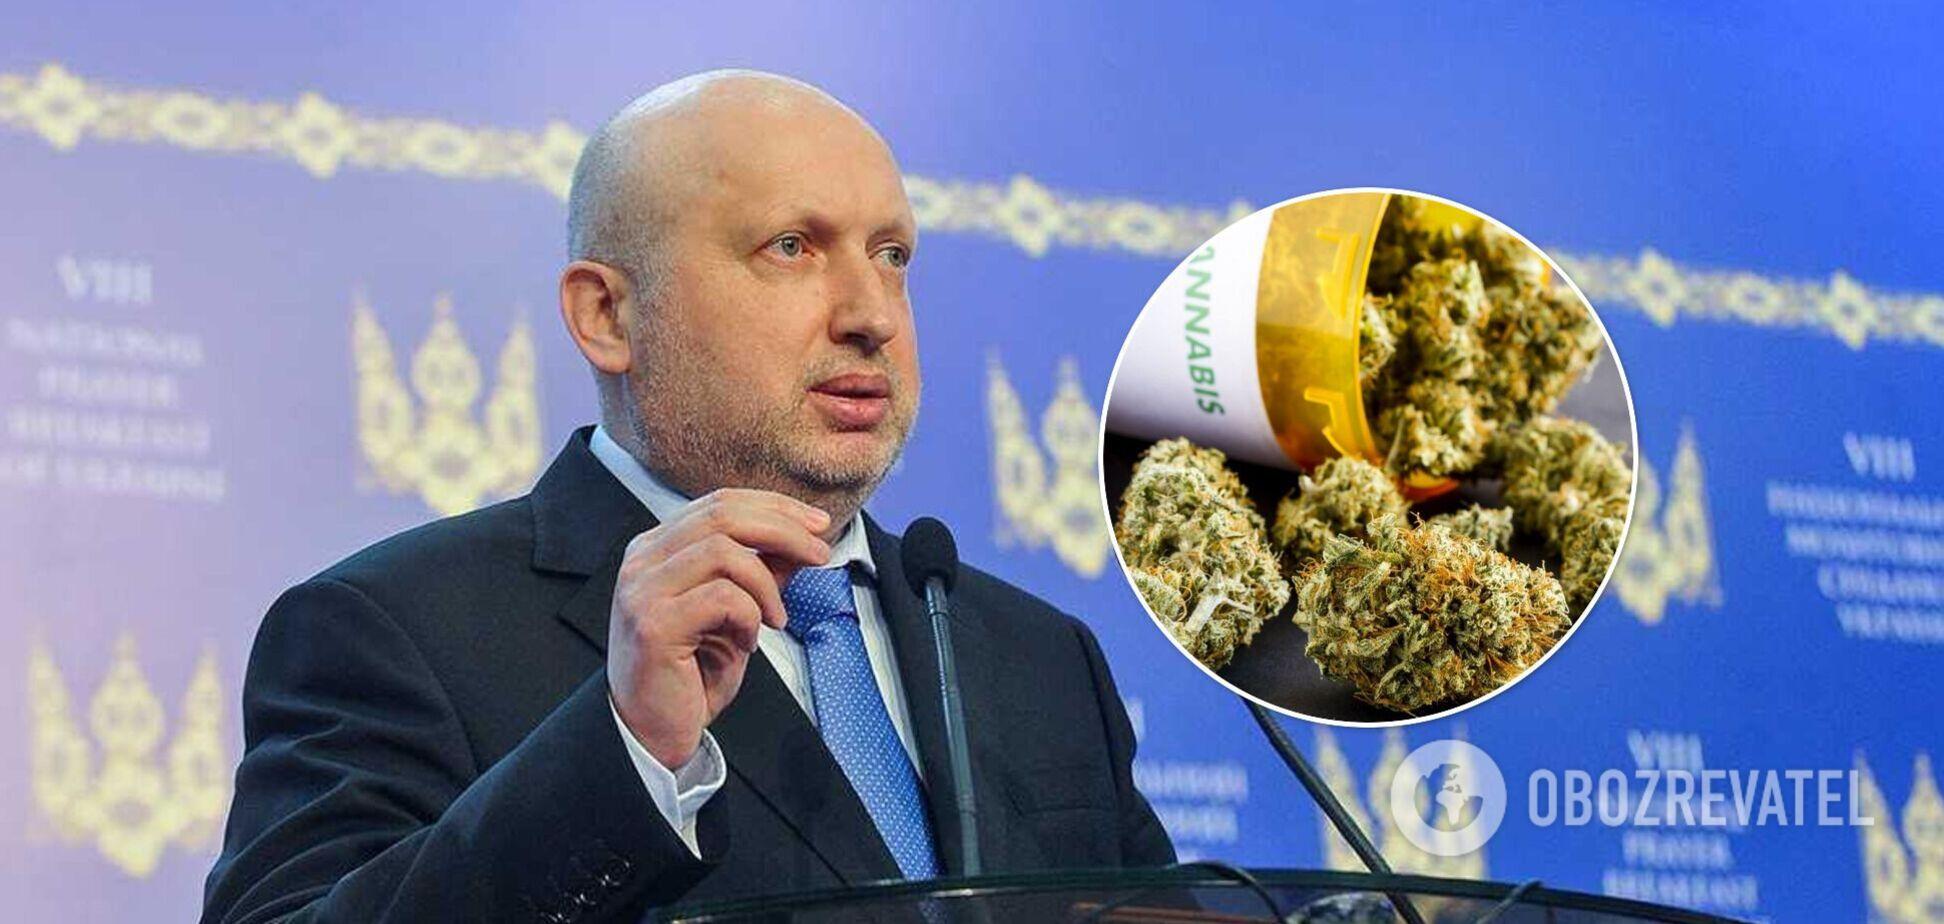 Турчинов пояснил, в чем состоят манипуляции на теме легализации каннабиса